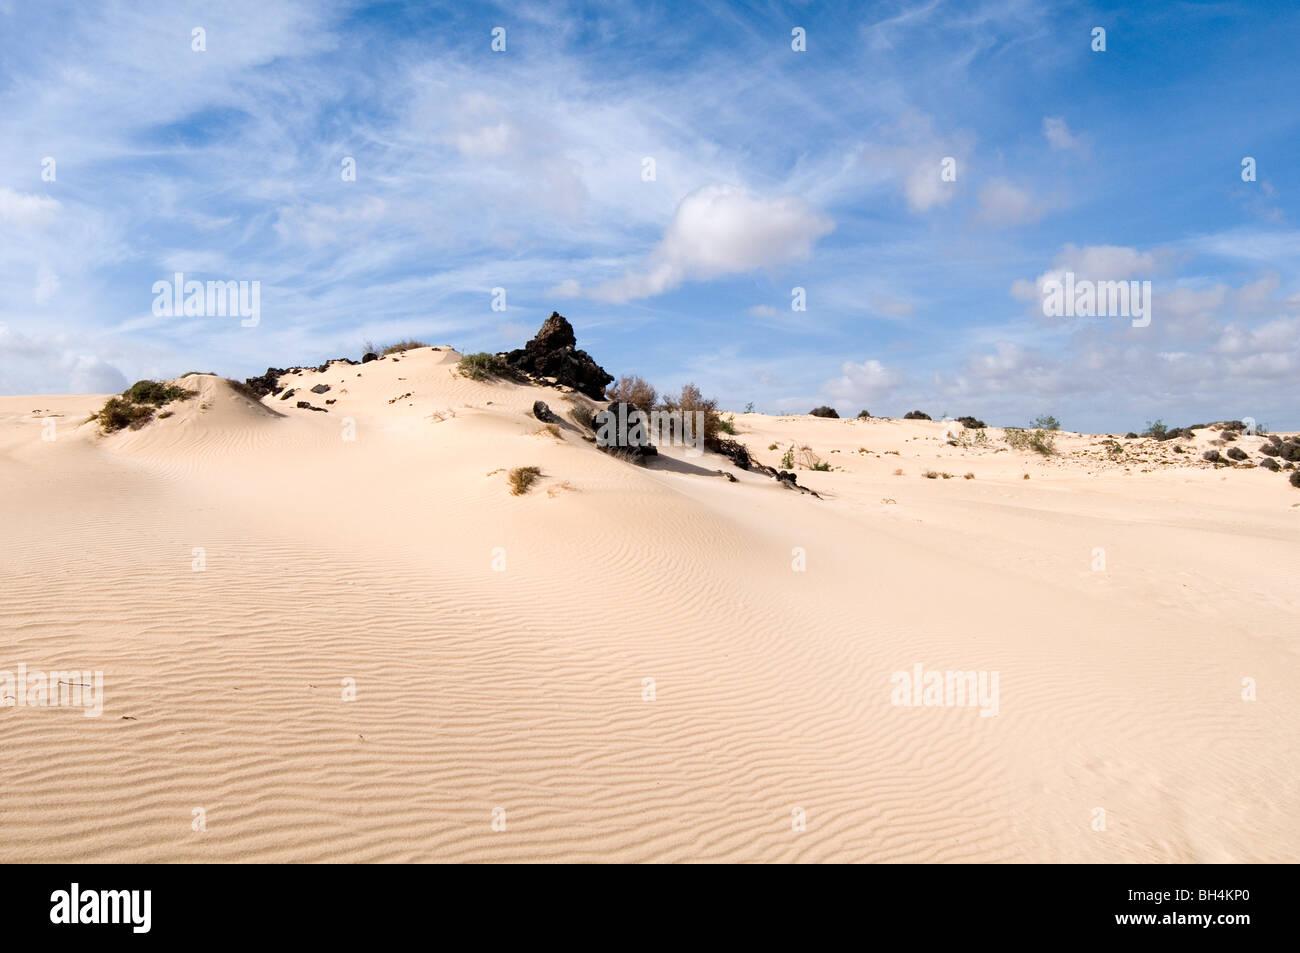 Dunes de sable du désert de dunes de sable les déserts de vent ciel ciel bleu Photo Stock